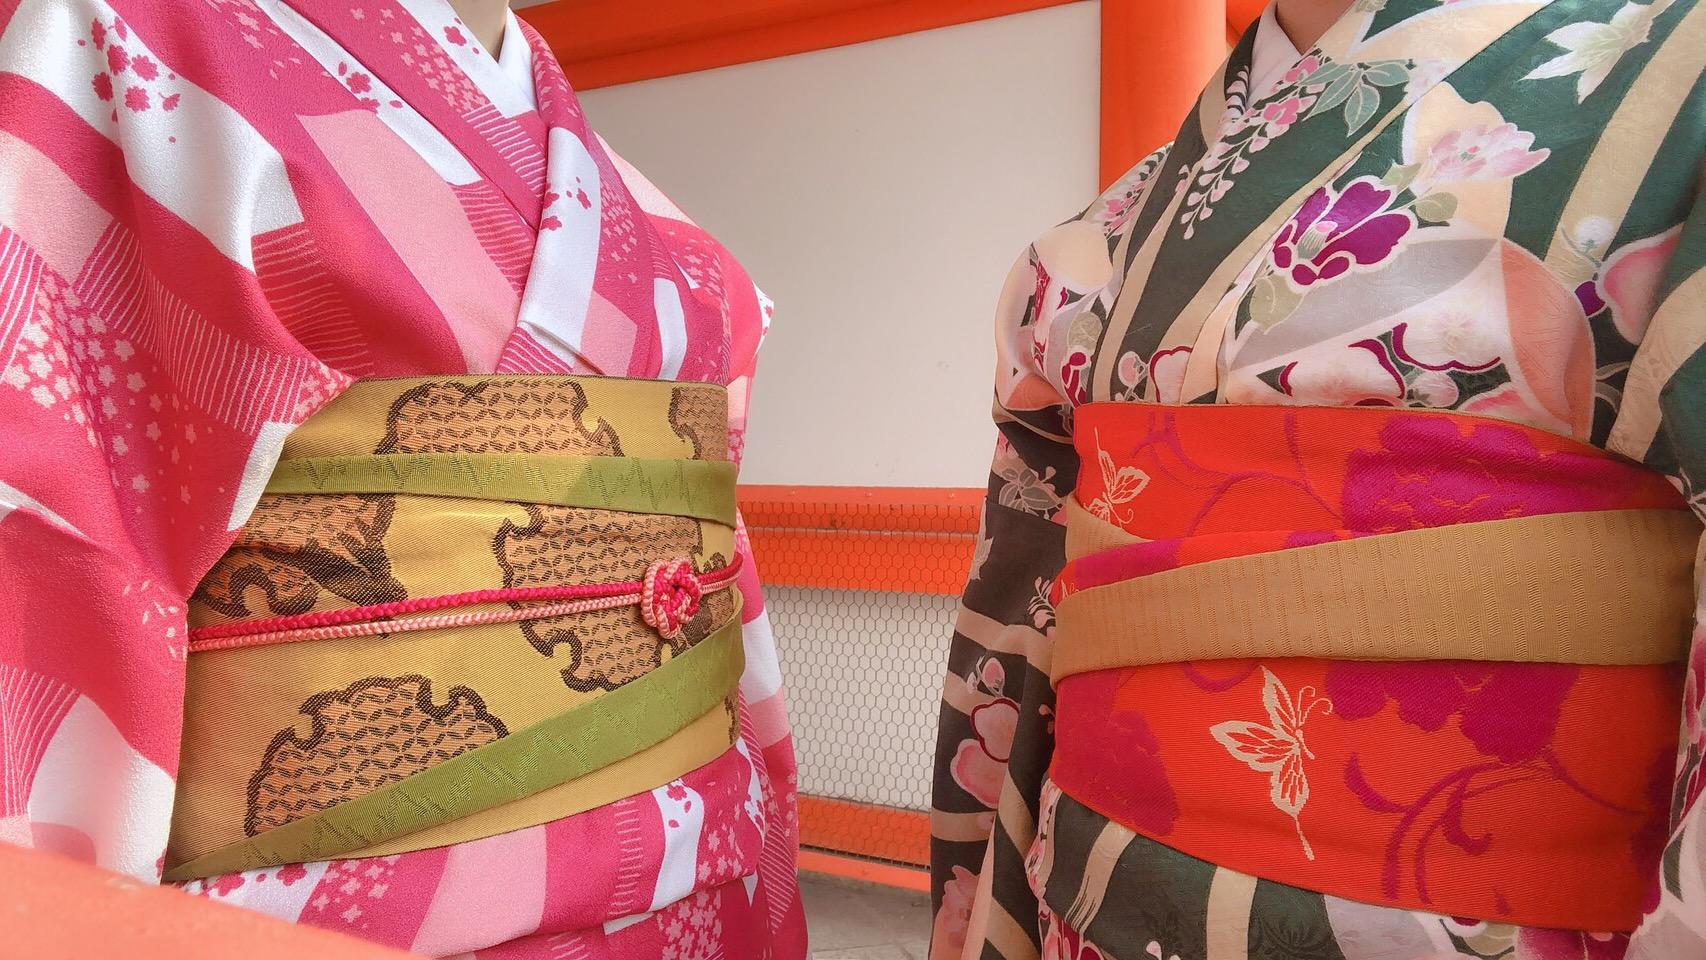 今日も京都御苑へお花見♡2019年3月26日11